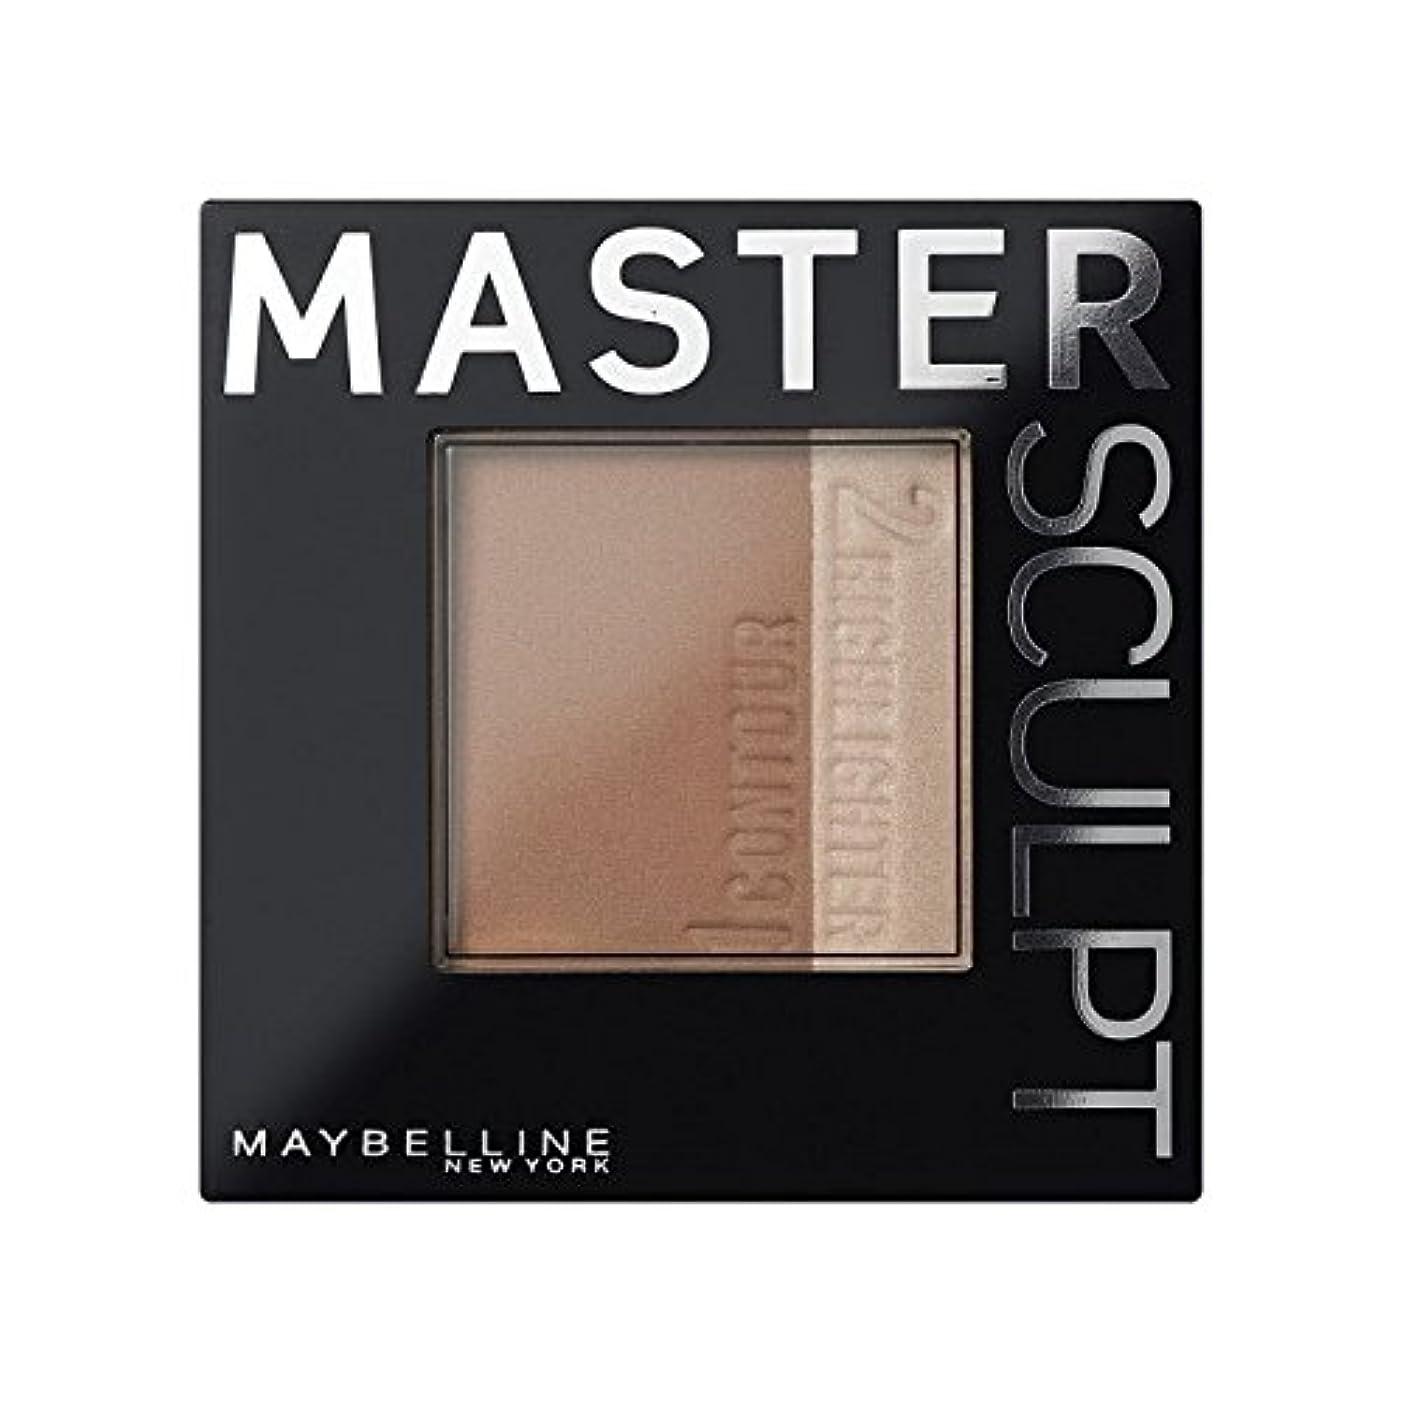 シャーロックホームズ王子はぁメイベリンマスタースカルプト基盤02の /暗い輪郭 x2 - Maybelline Master Sculpt Contouring Foundation 02 Med/Dark (Pack of 2) [並行輸入品]